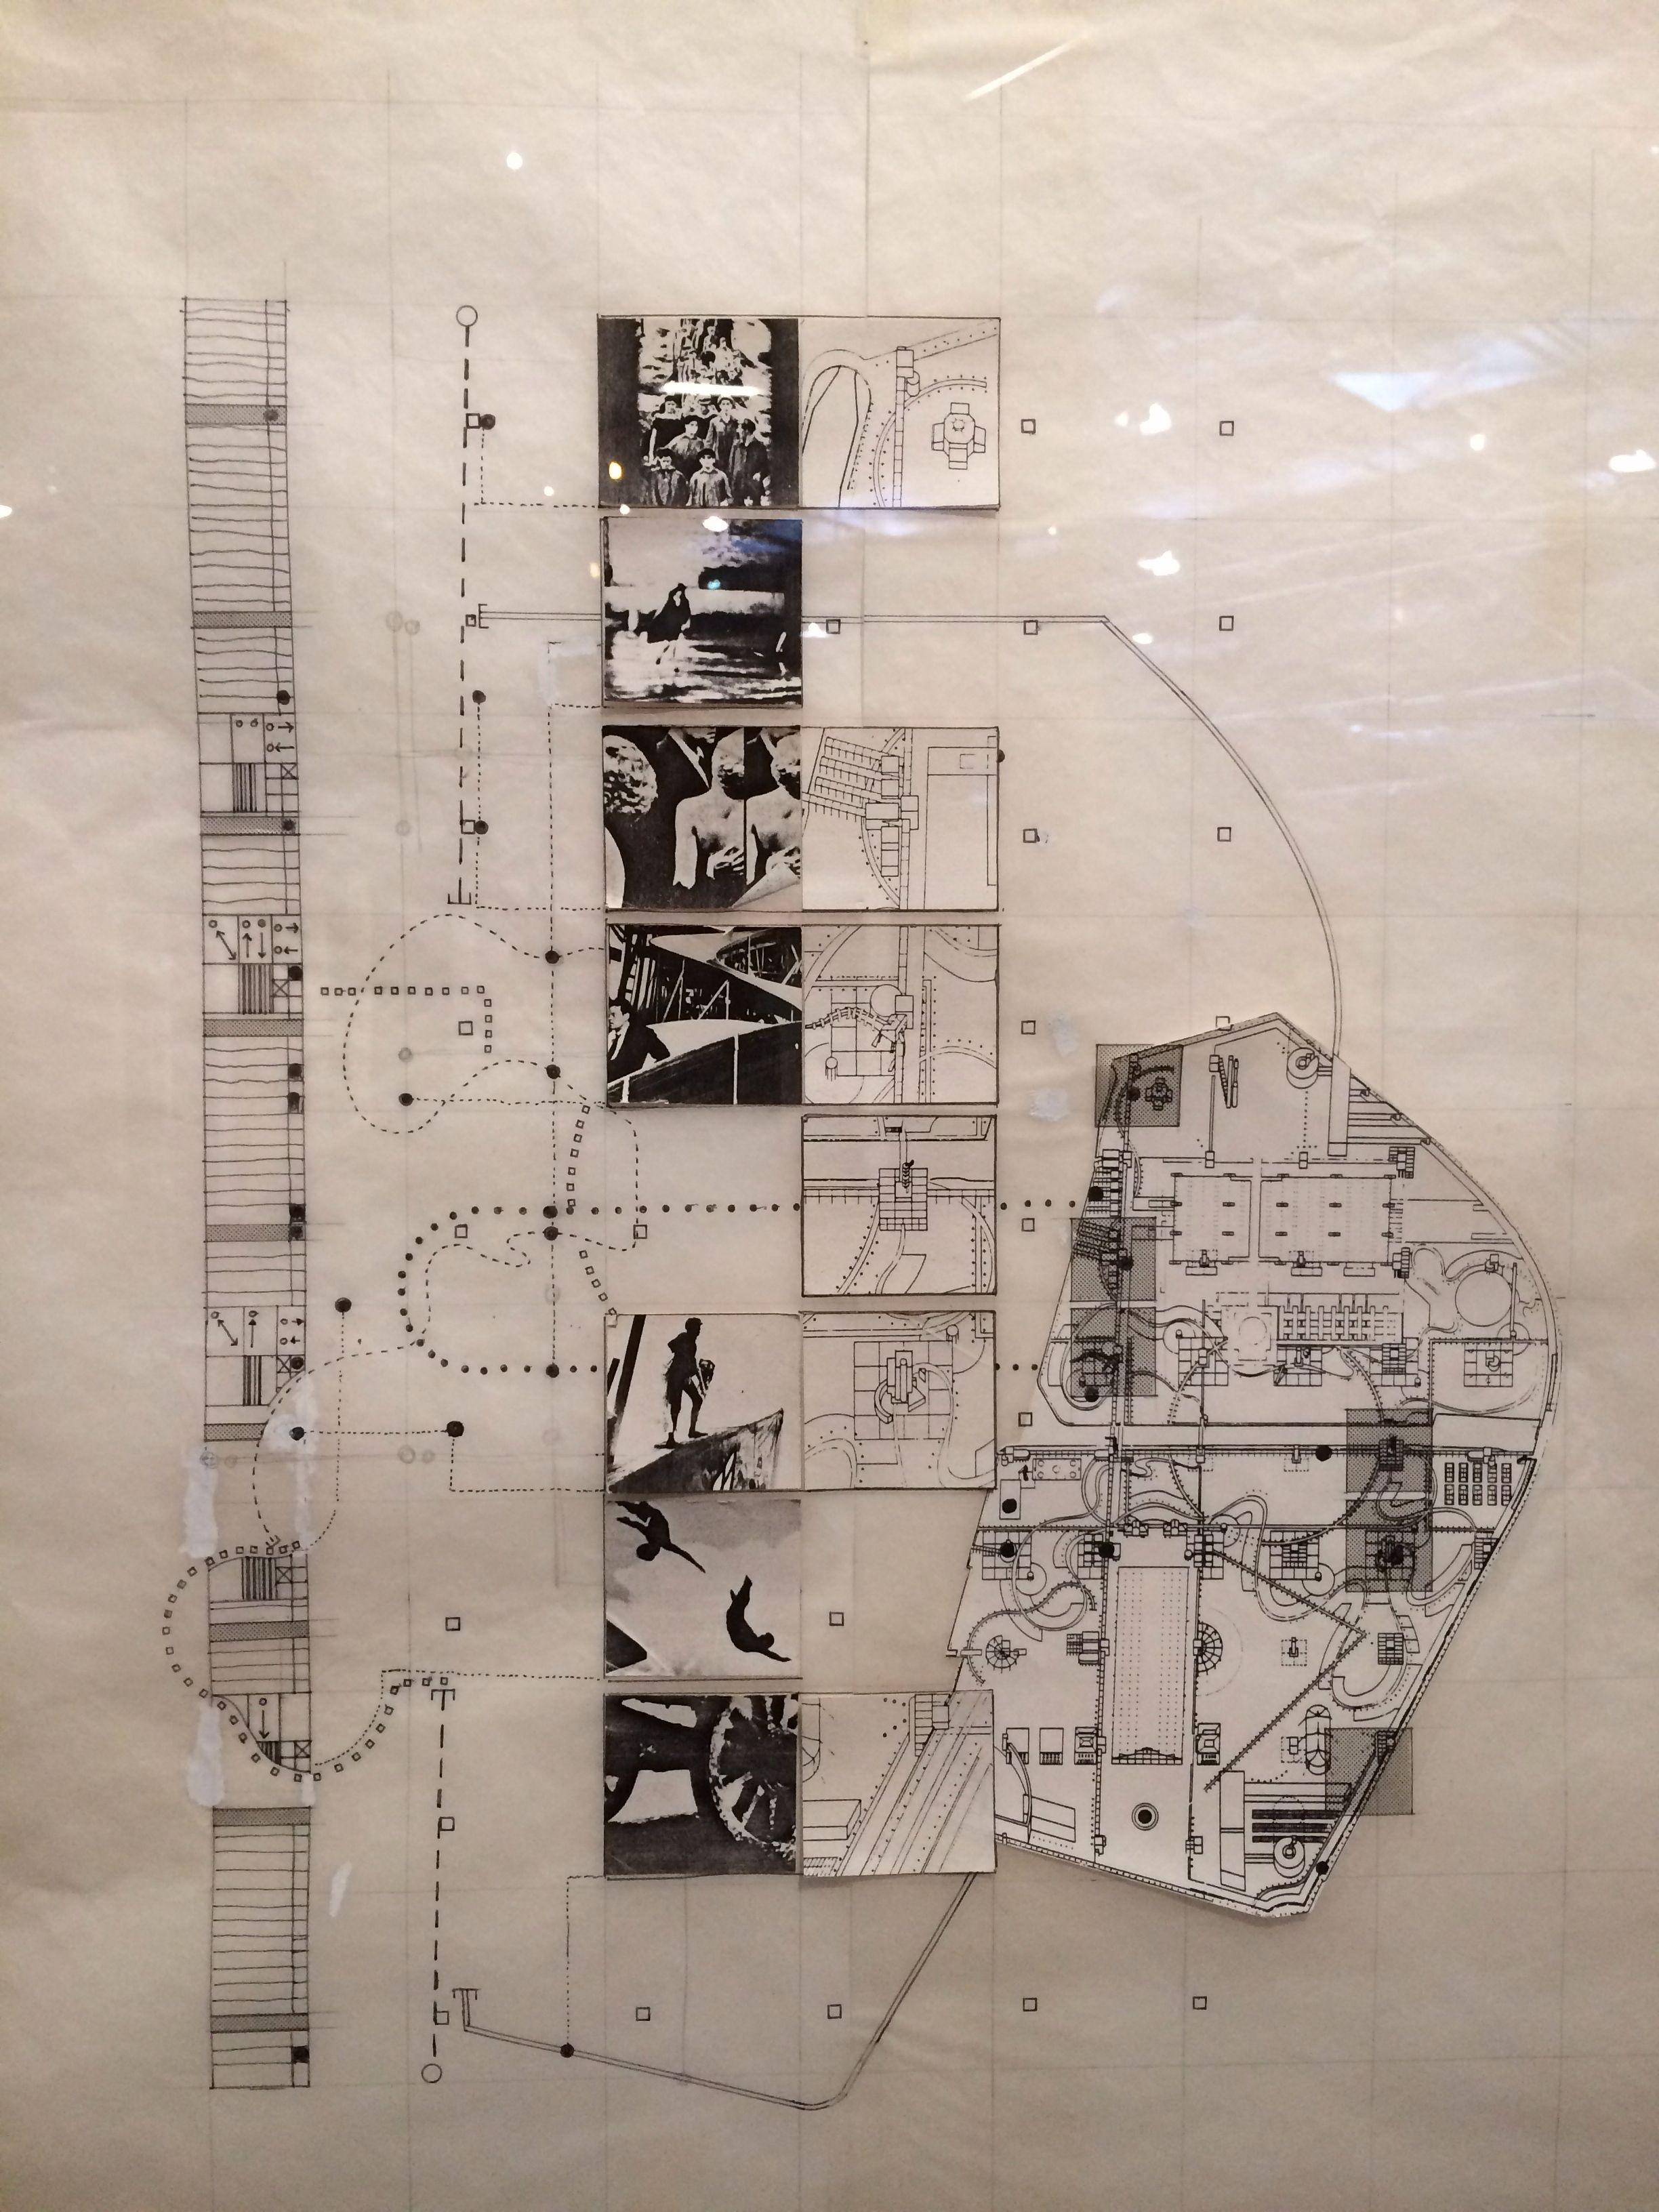 oma parc de la villette diagram 5 channel amp wiring bernard tschumi paris 1983